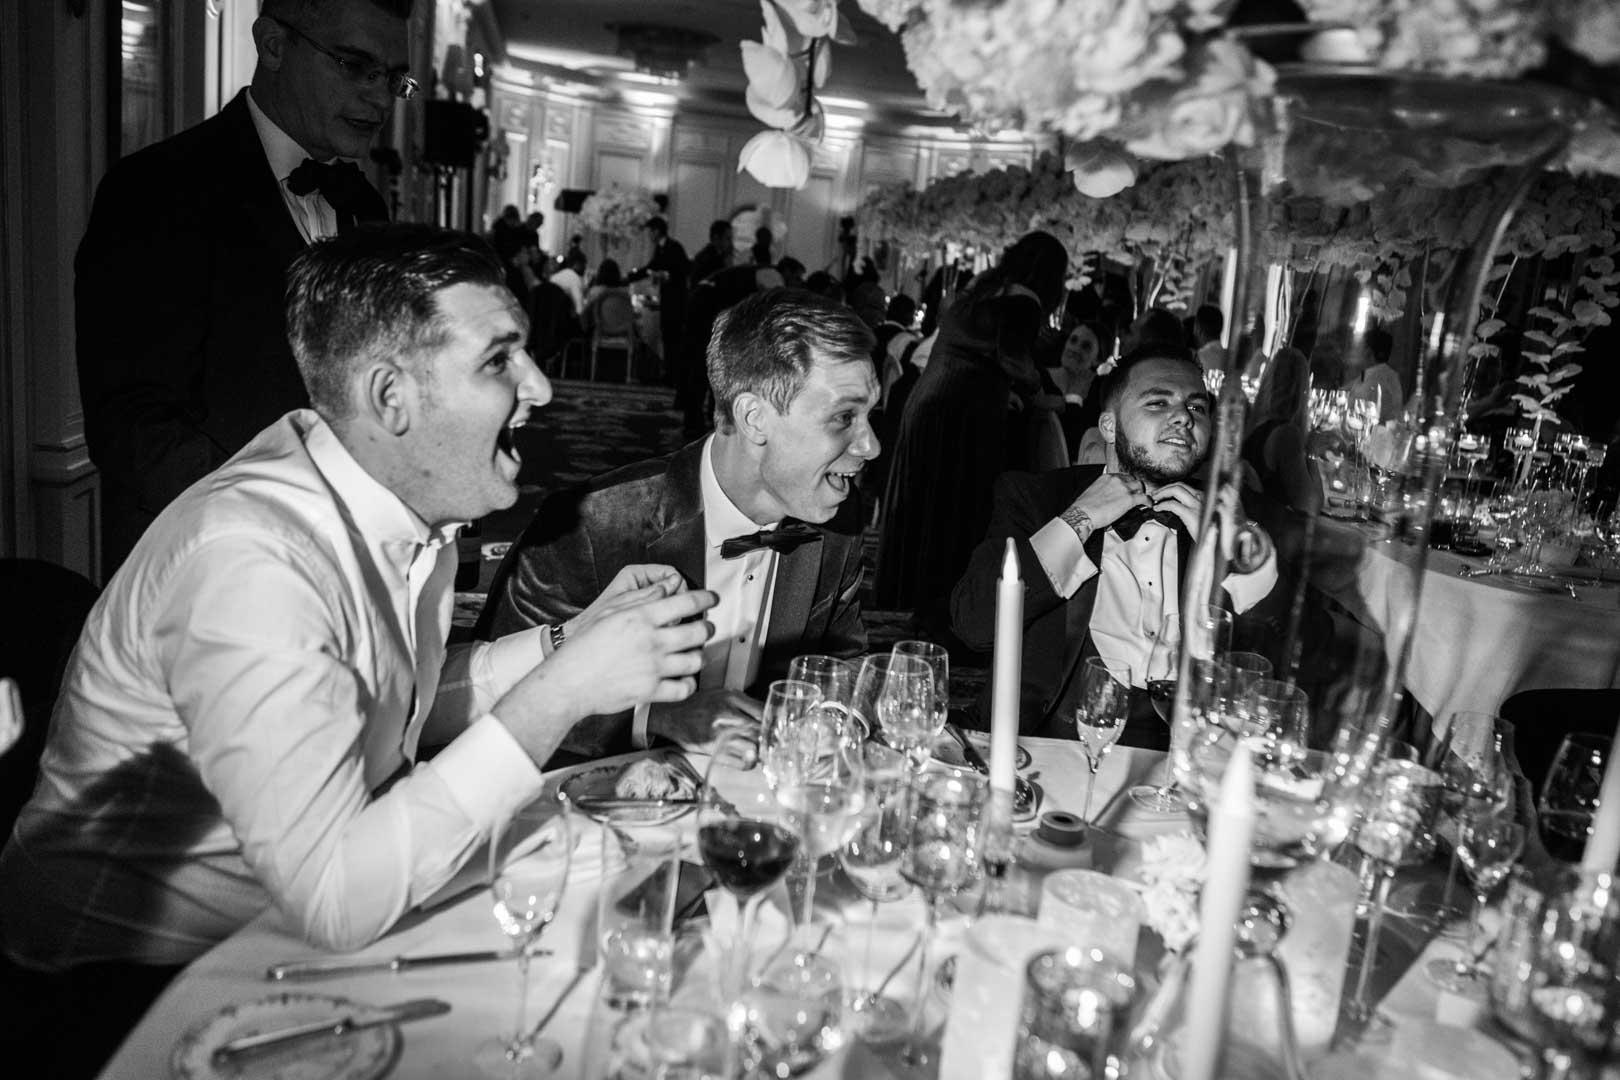 Photographie d'ambiance, mariage au Ritz. Photo noir et blanc